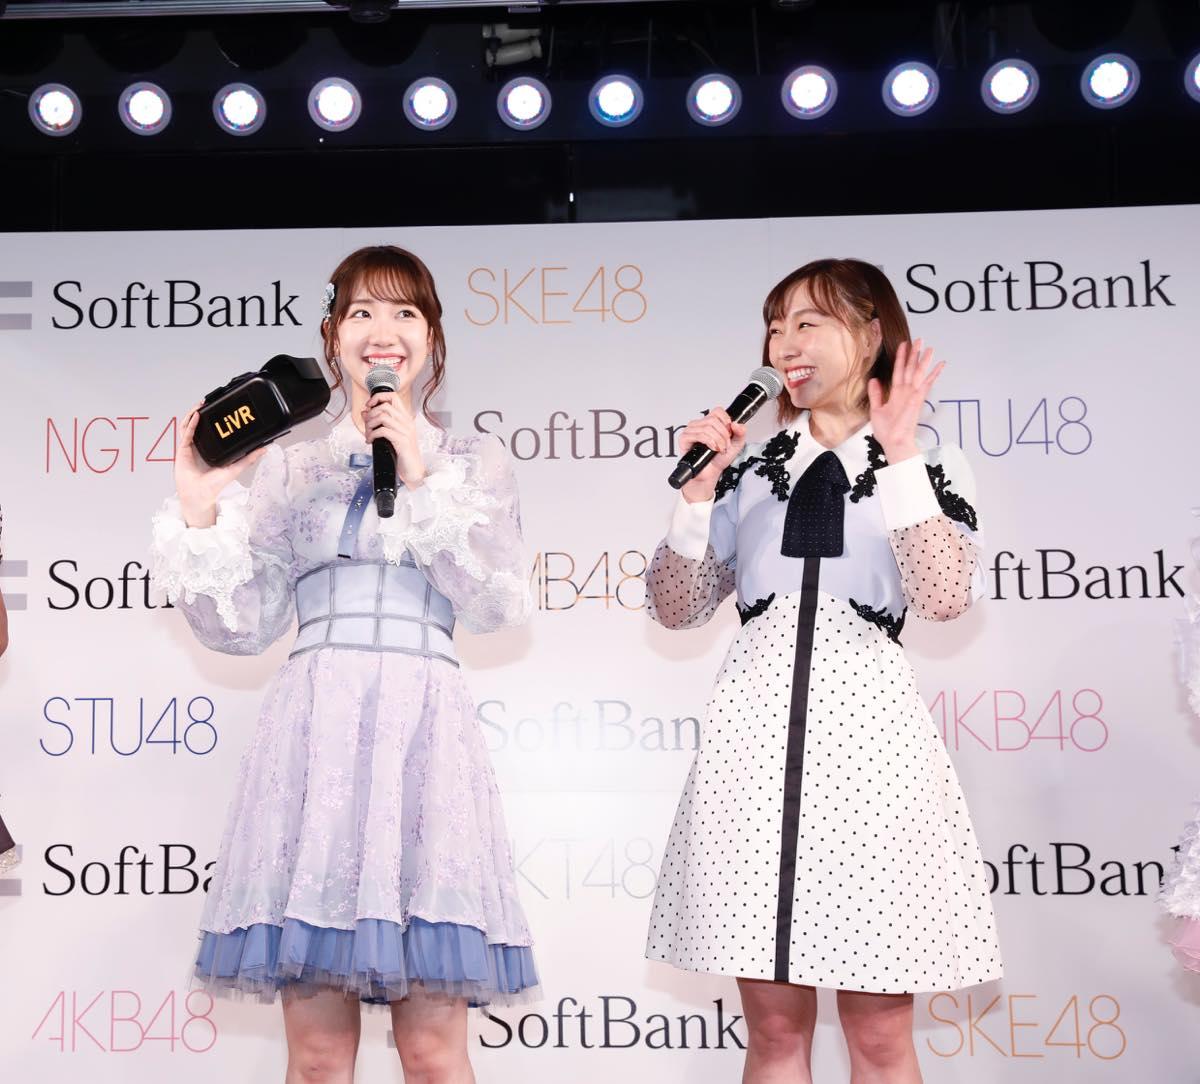 AKB48グループ初、劇場公演のVRライブ配信を「LiVR」で2月3日に提供開始【写真14枚】の画像005